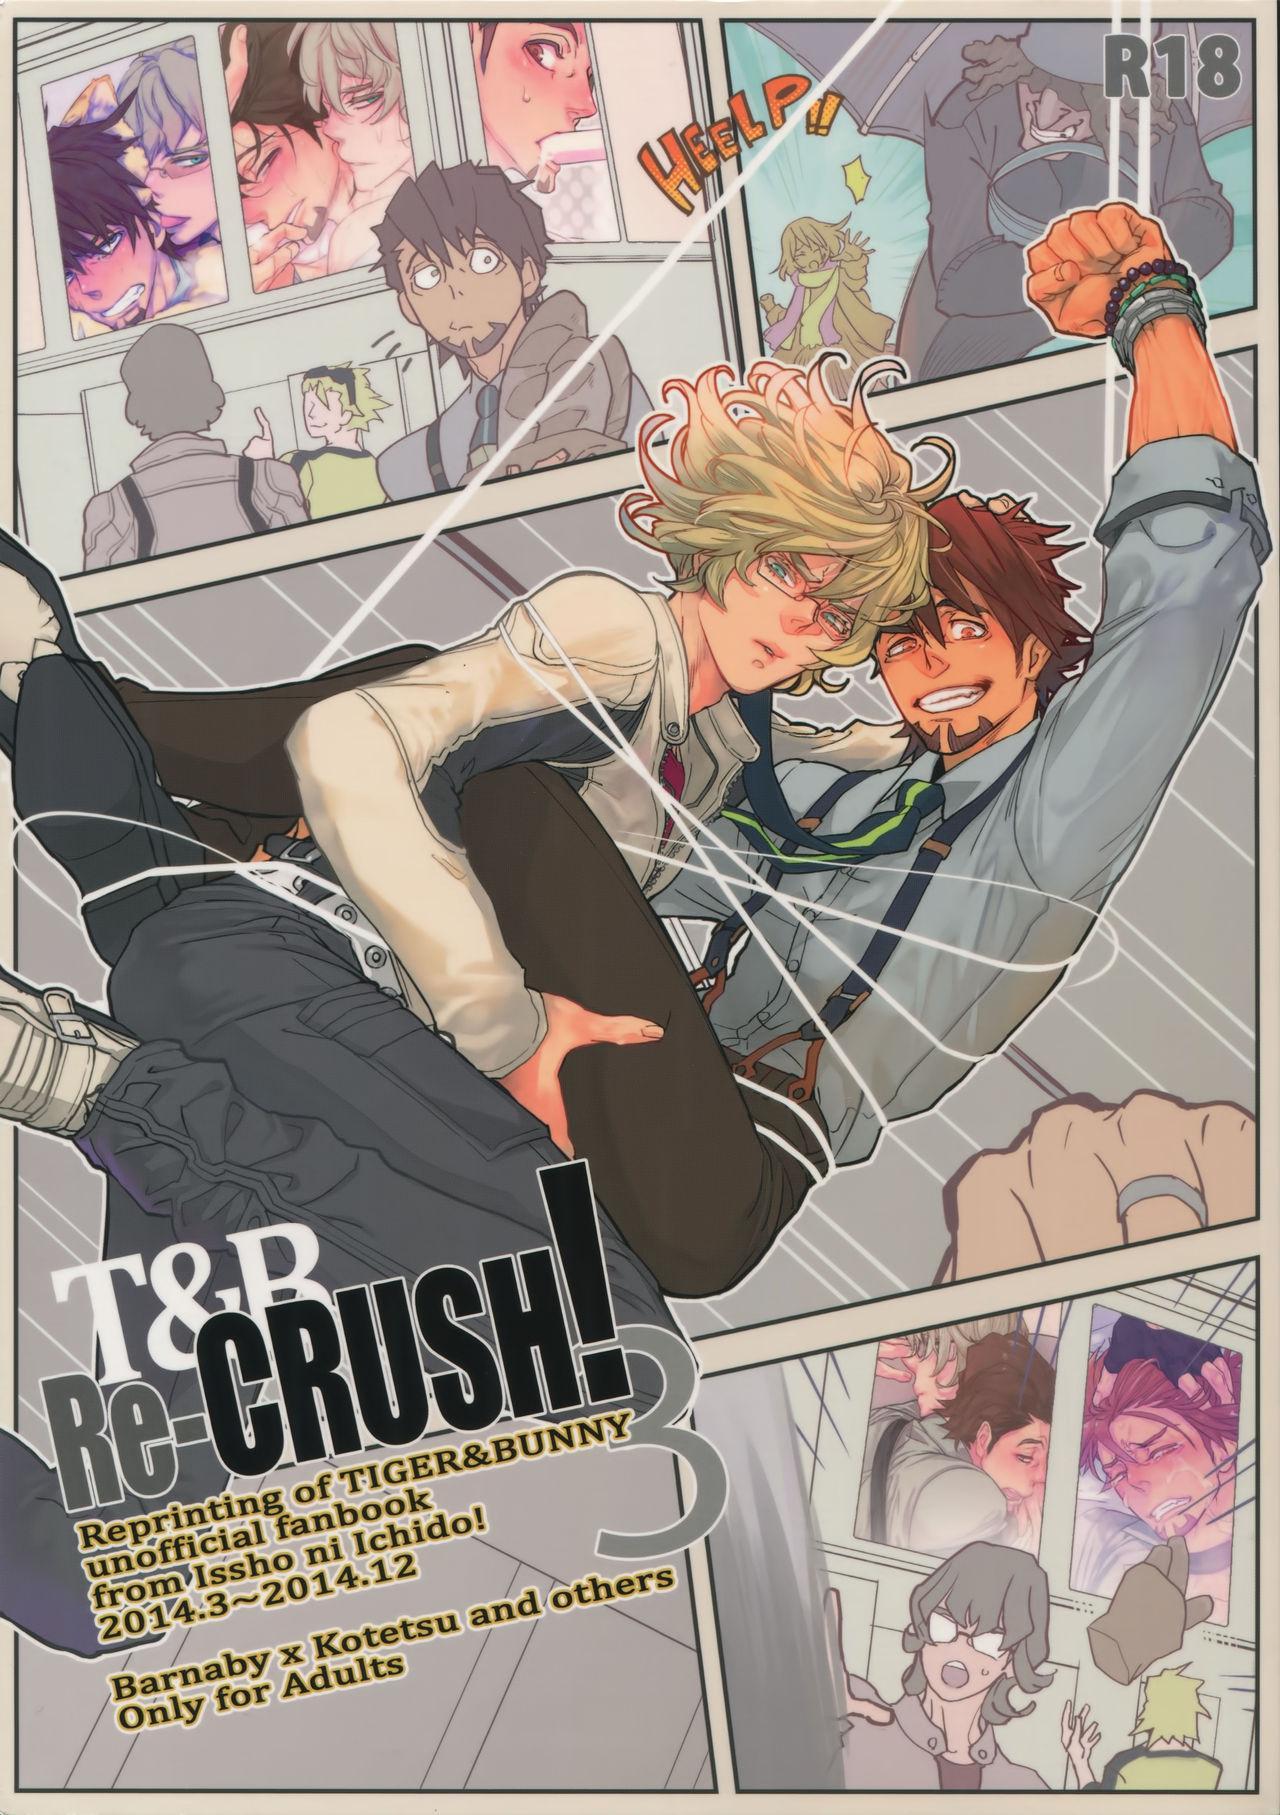 T&B Re-CRUSH!3 0